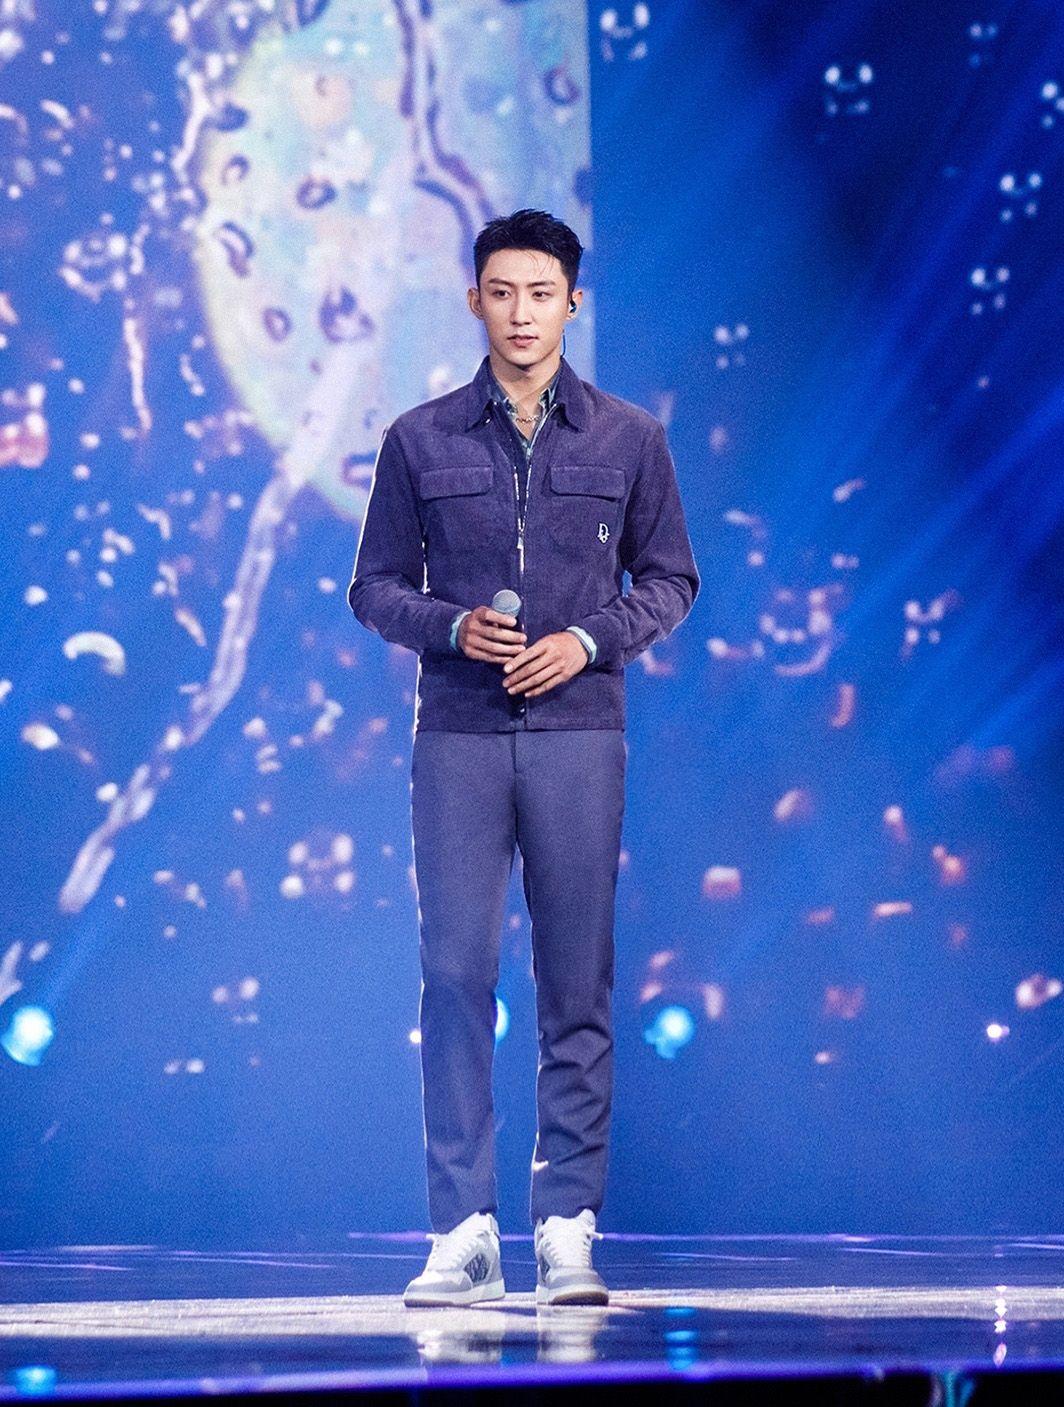 黄景瑜解锁奢侈品牌全球代言人,时尚表现力真好,这不是只靠身高